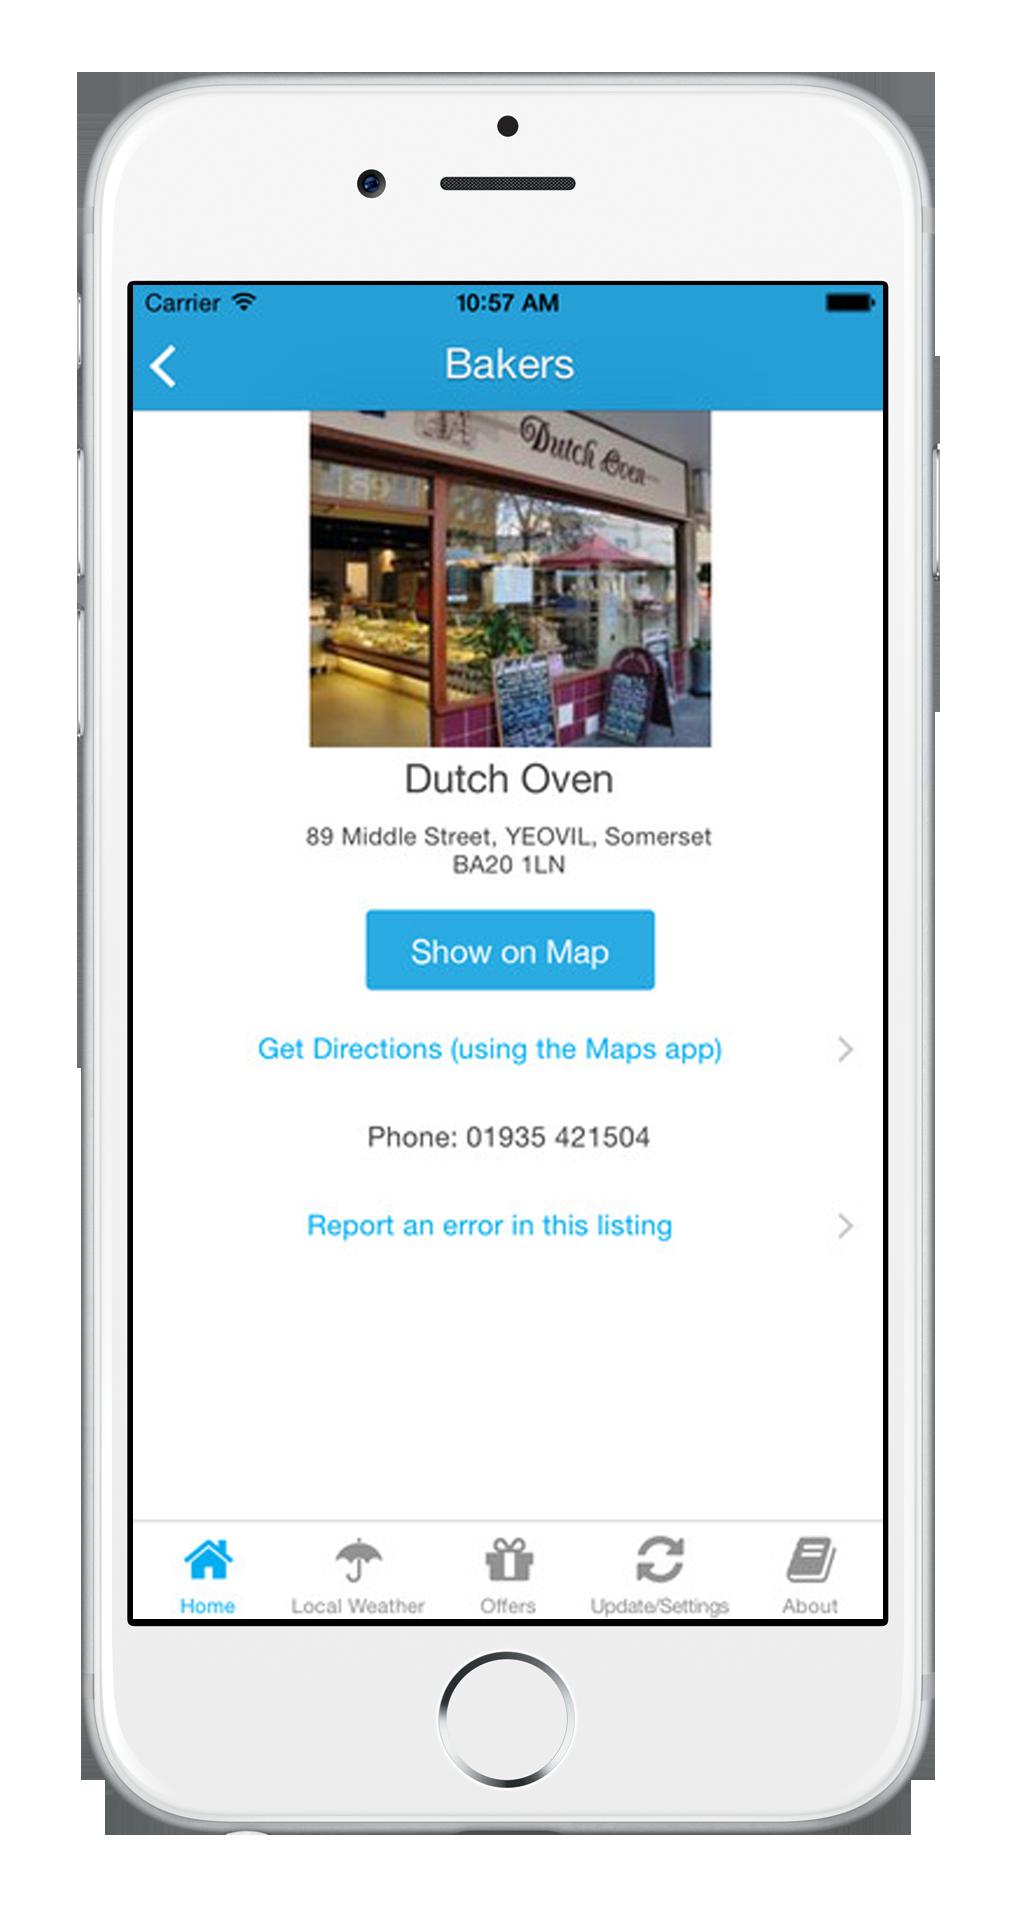 Shops in Yeovil, Yeovil Town Guide App, Somerset